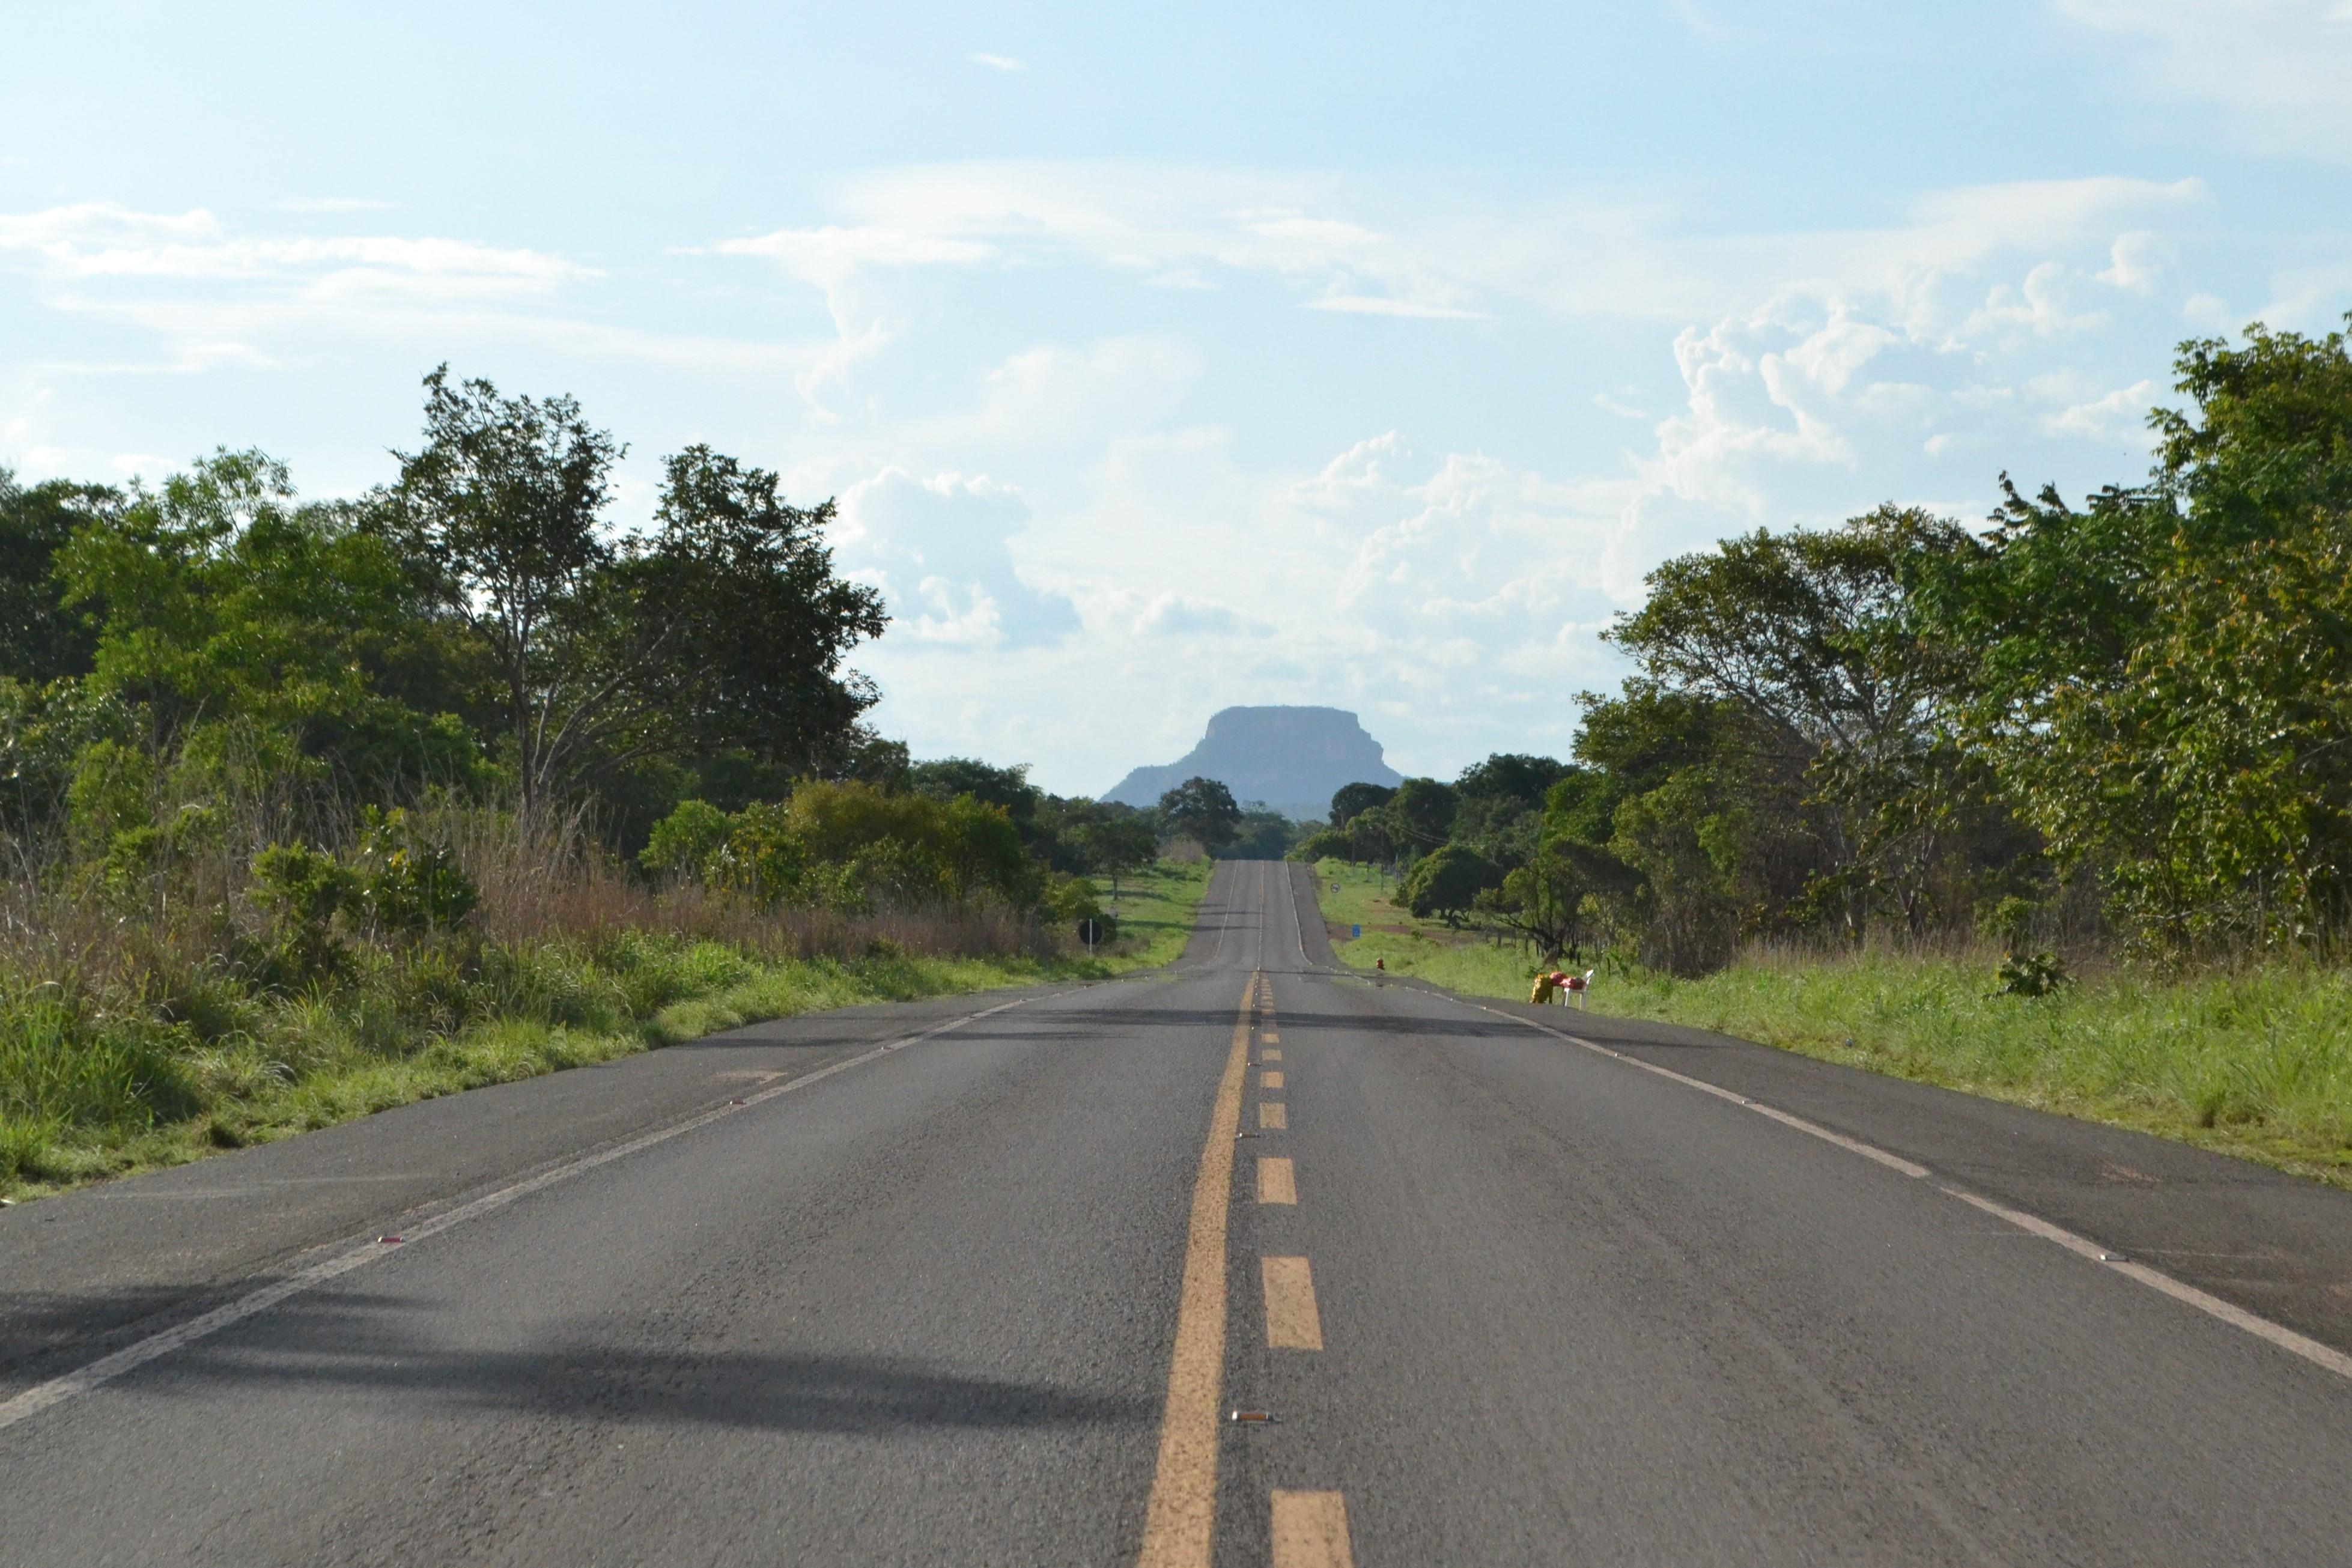 Ao final da estrada, formação rochosa que dá nome à chapada